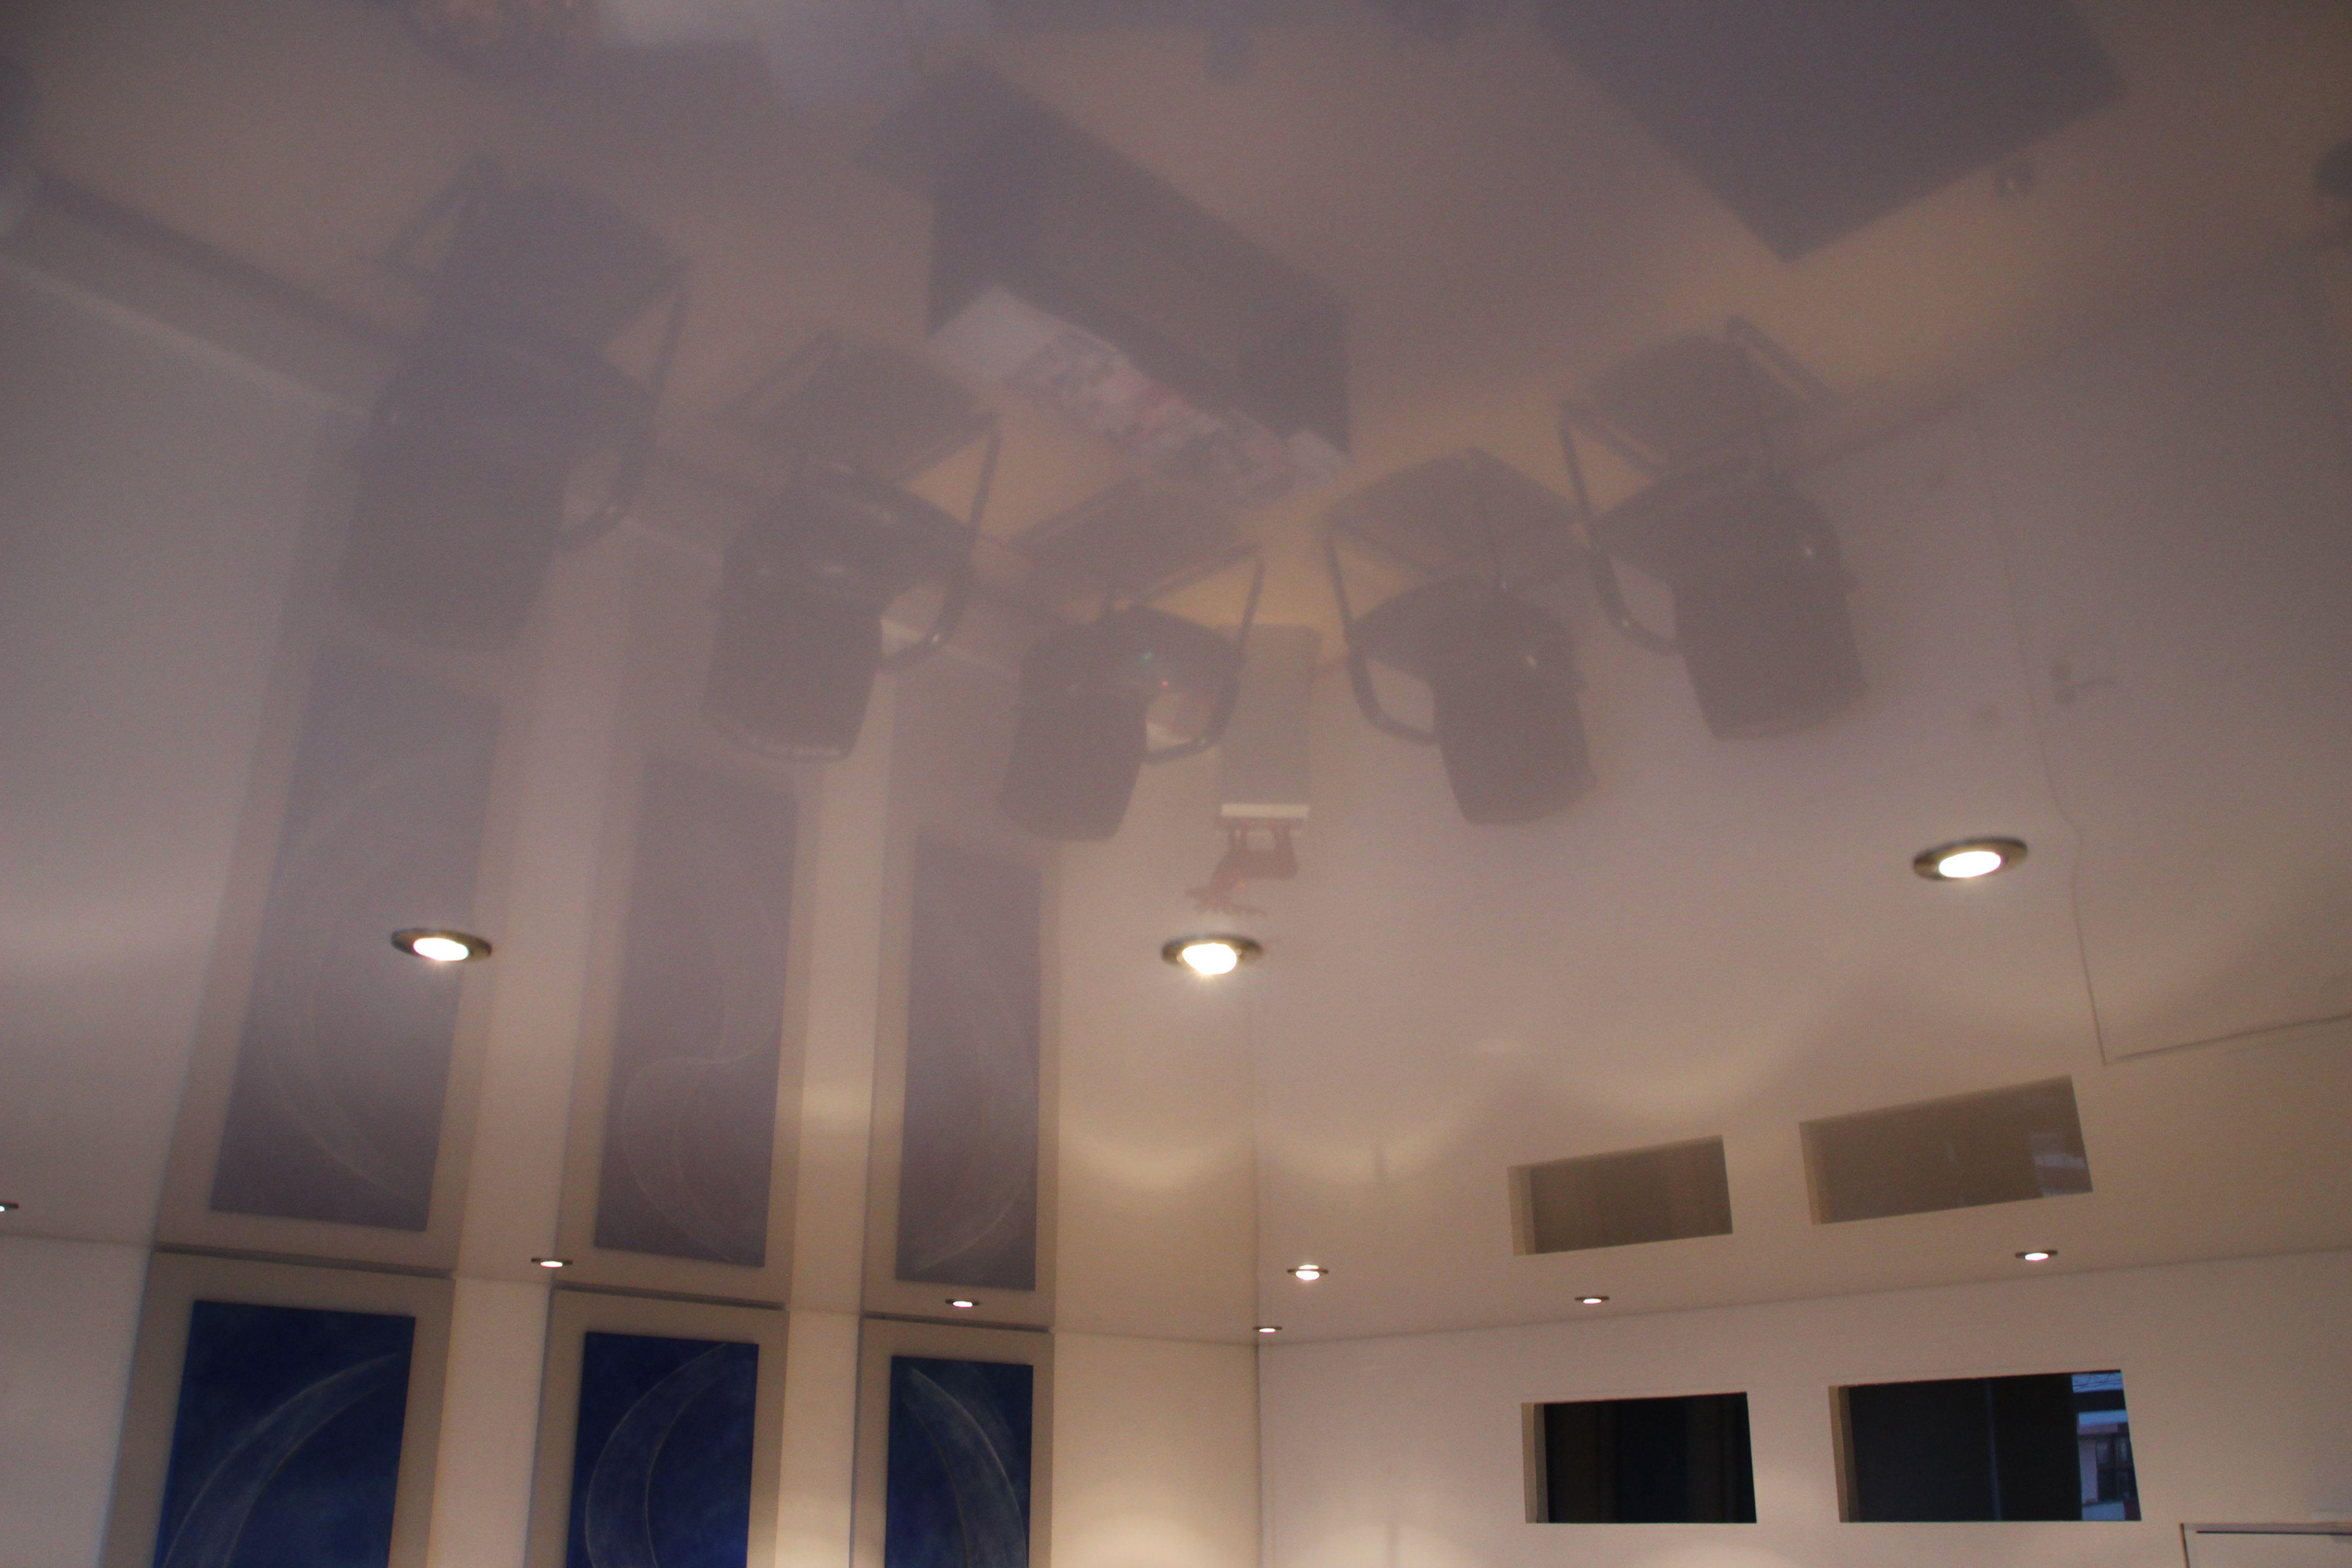 Galerie Wartezimmer weiße Hochglanz Spanndecke Spiegelung